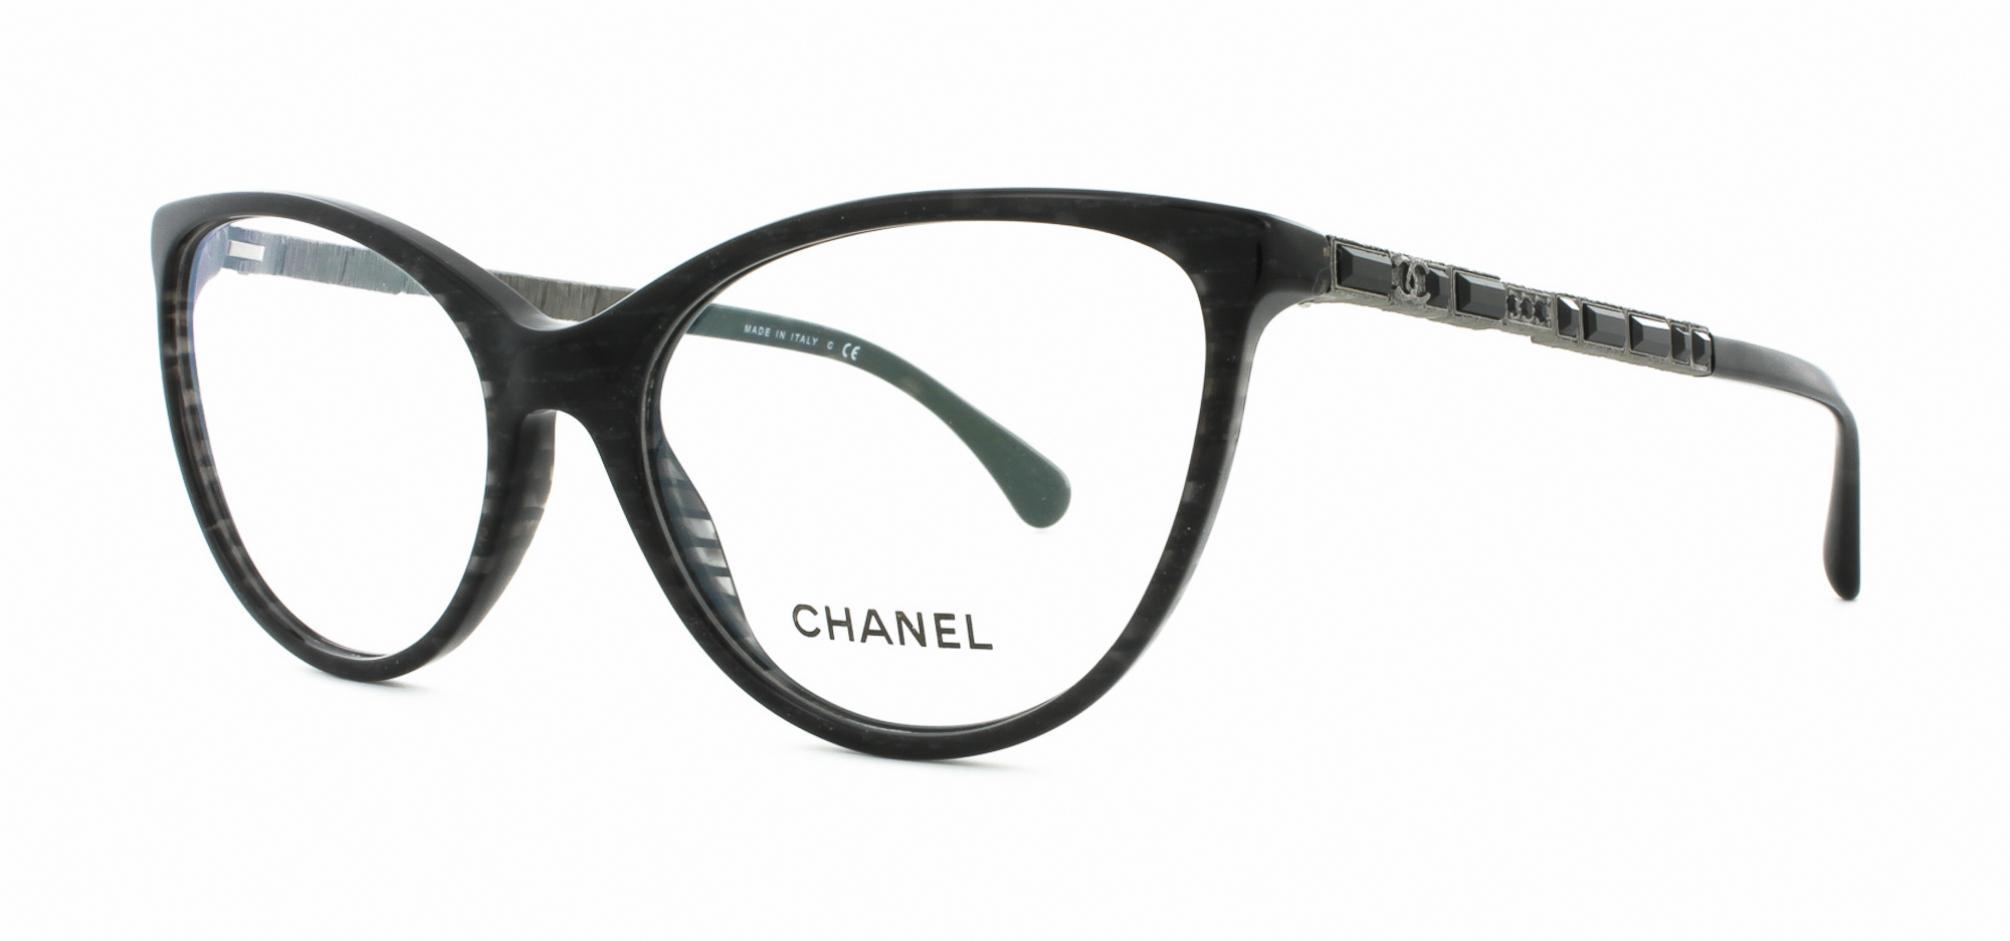 9c9aa5fa0ff Chanel Eyeglass Frames Boston